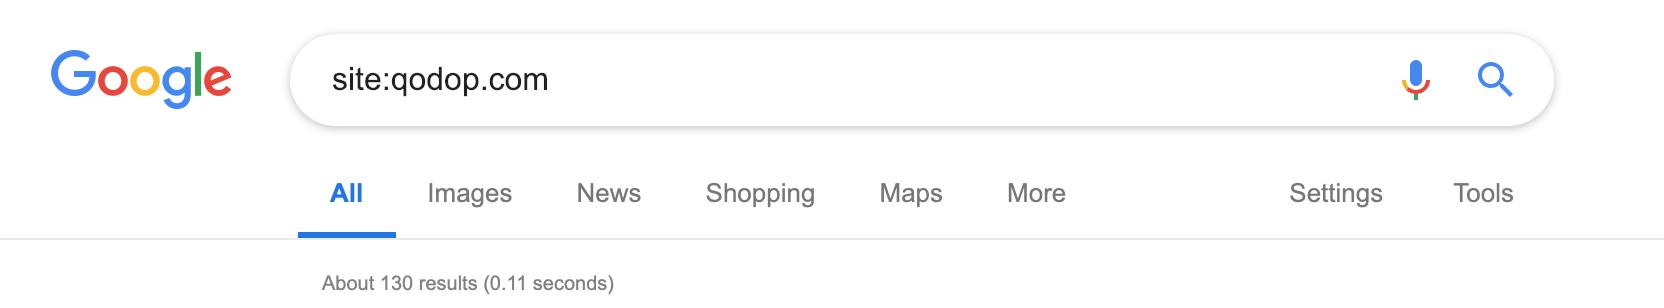 recherche Google sur un seul site web